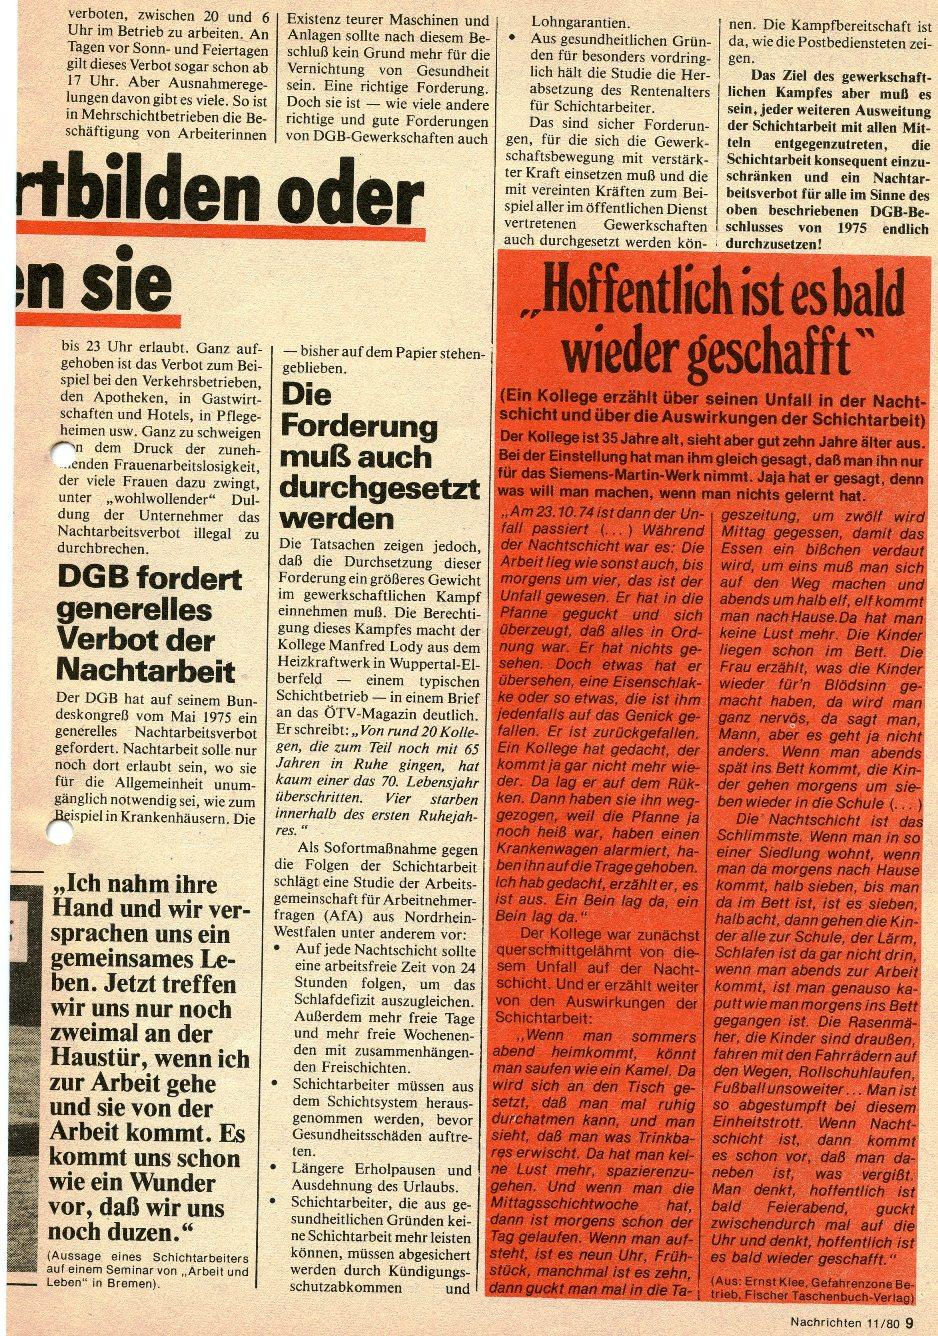 RGO_RGO_Nachrichten_1980_11_09